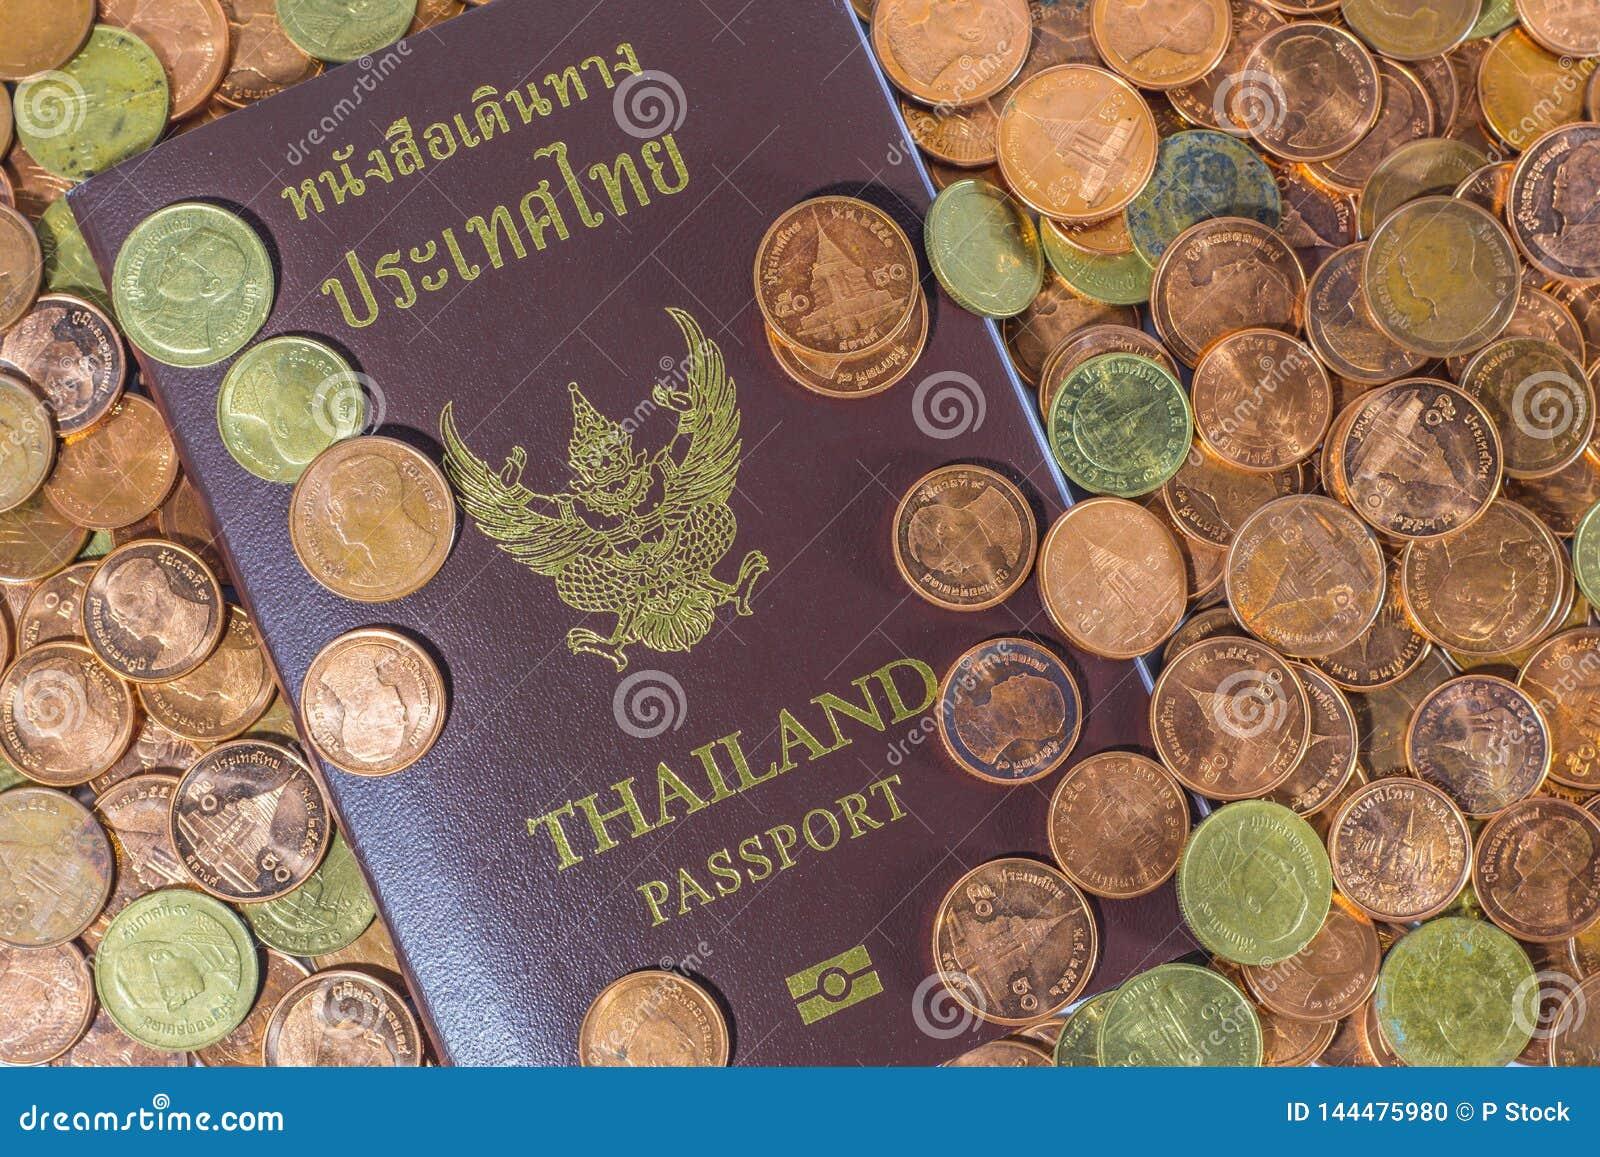 Thais paspoort op een stapel van muntstukken